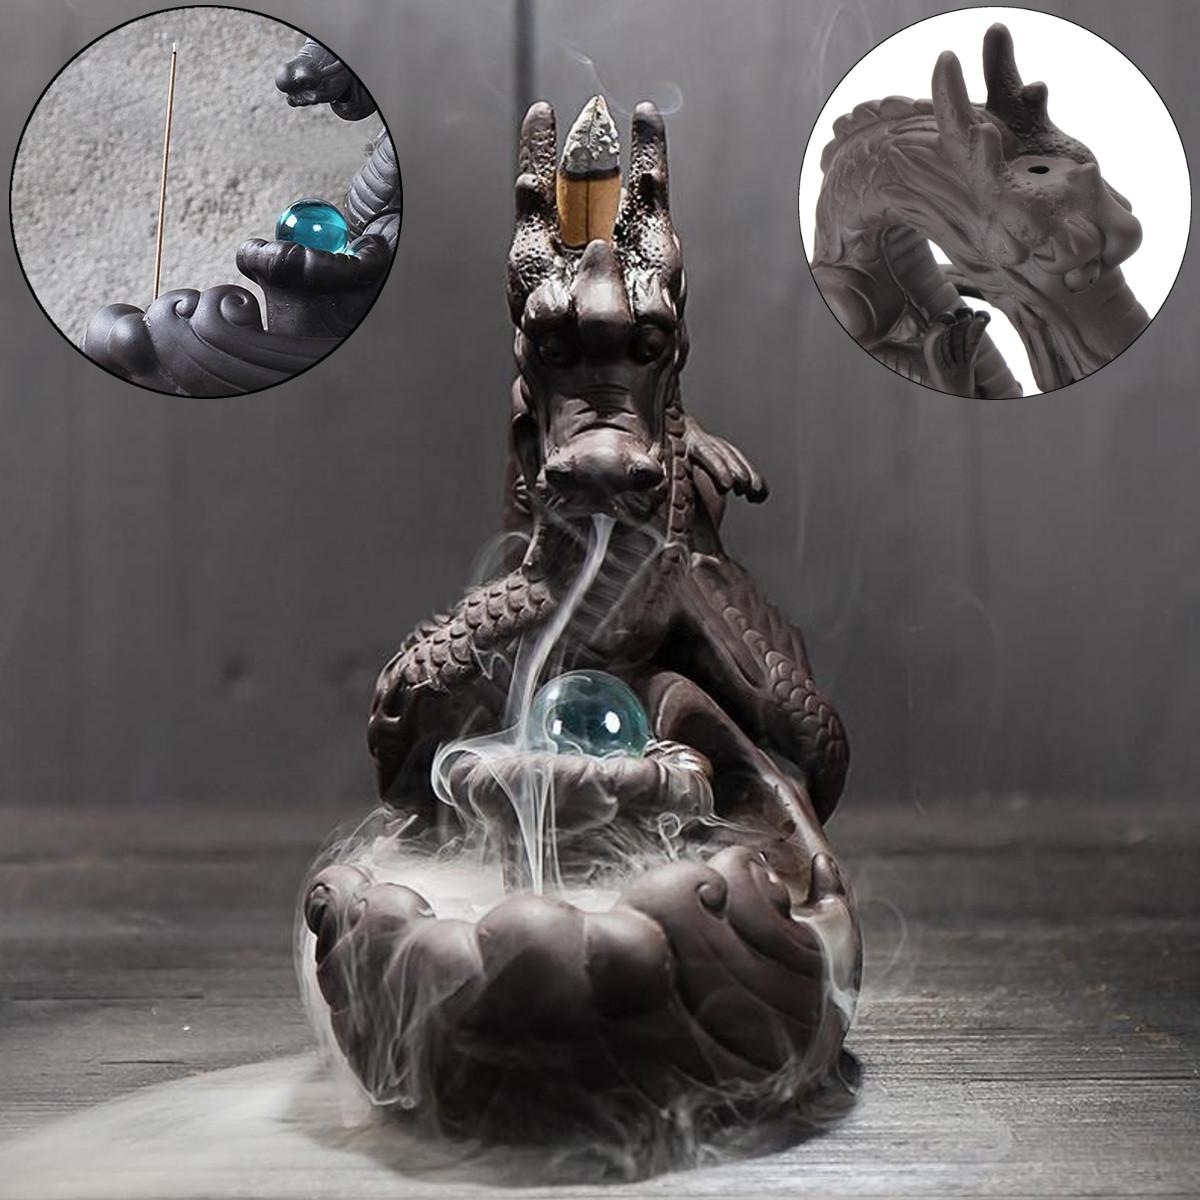 Фарфор Дракон Горелка с колбасой с обратным потоком Керамический Курительная палочка с стеклянным шариком